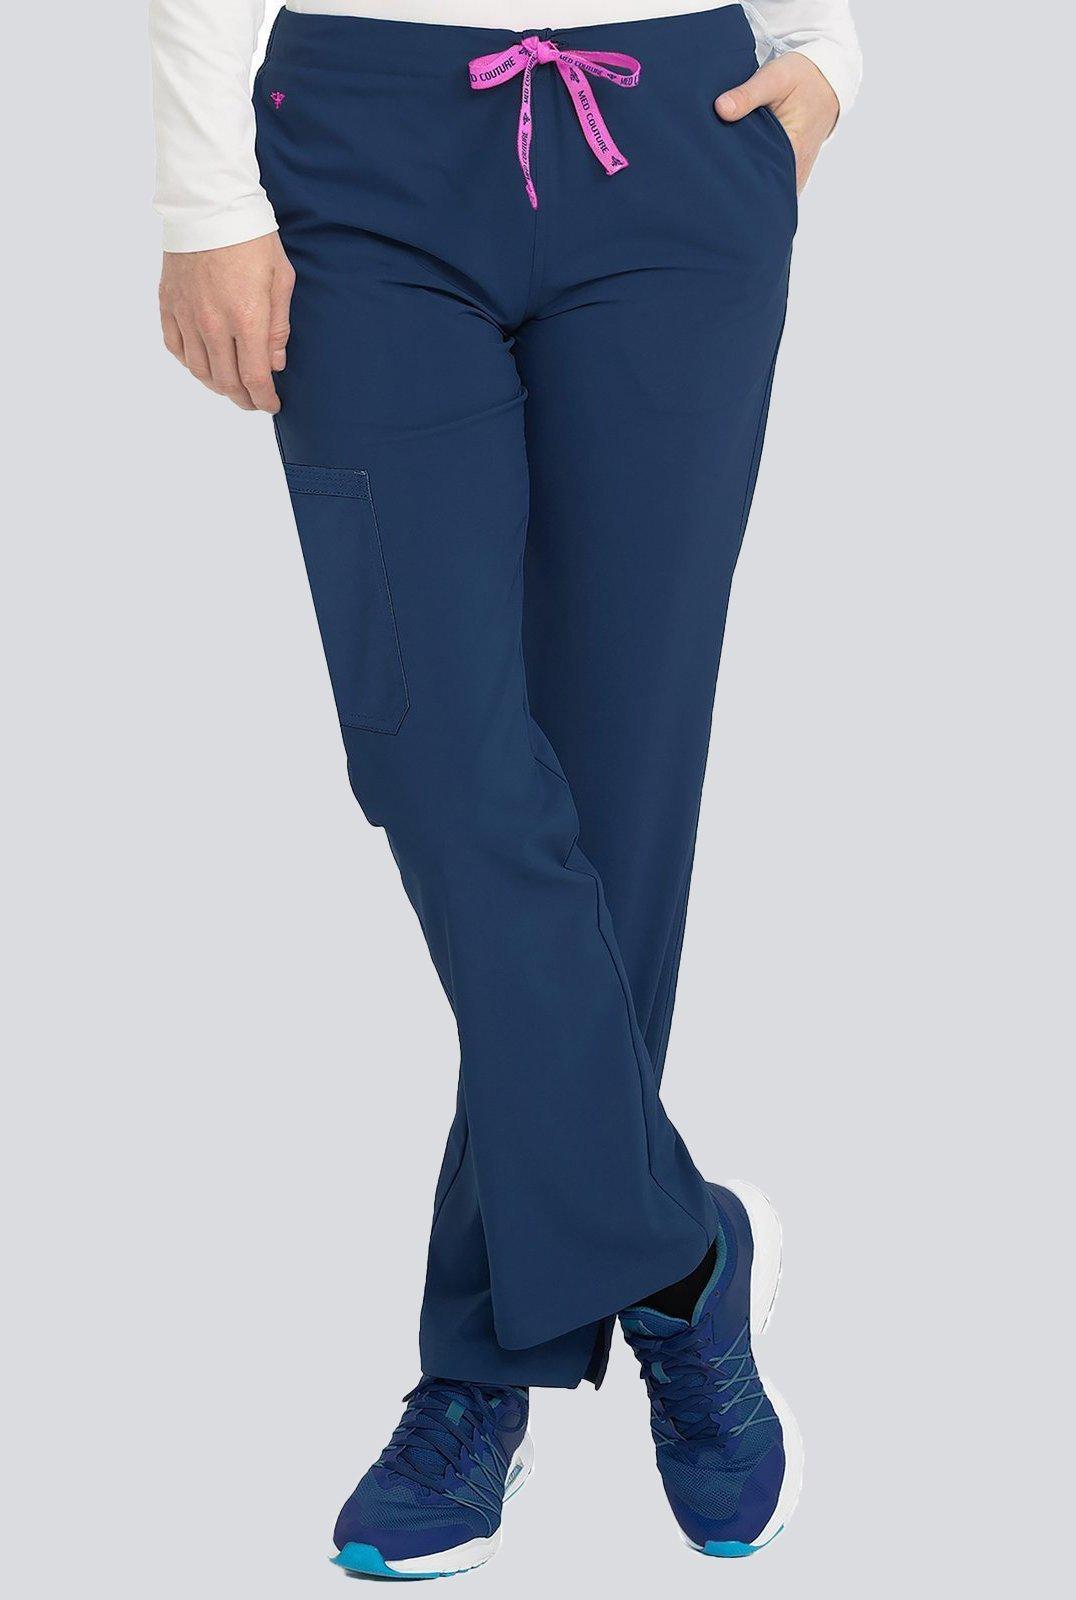 9836cd0c Spodnie medyczne damskie Med Couture PERFORMANCE ENERGY STRETCH 8719-NAVY